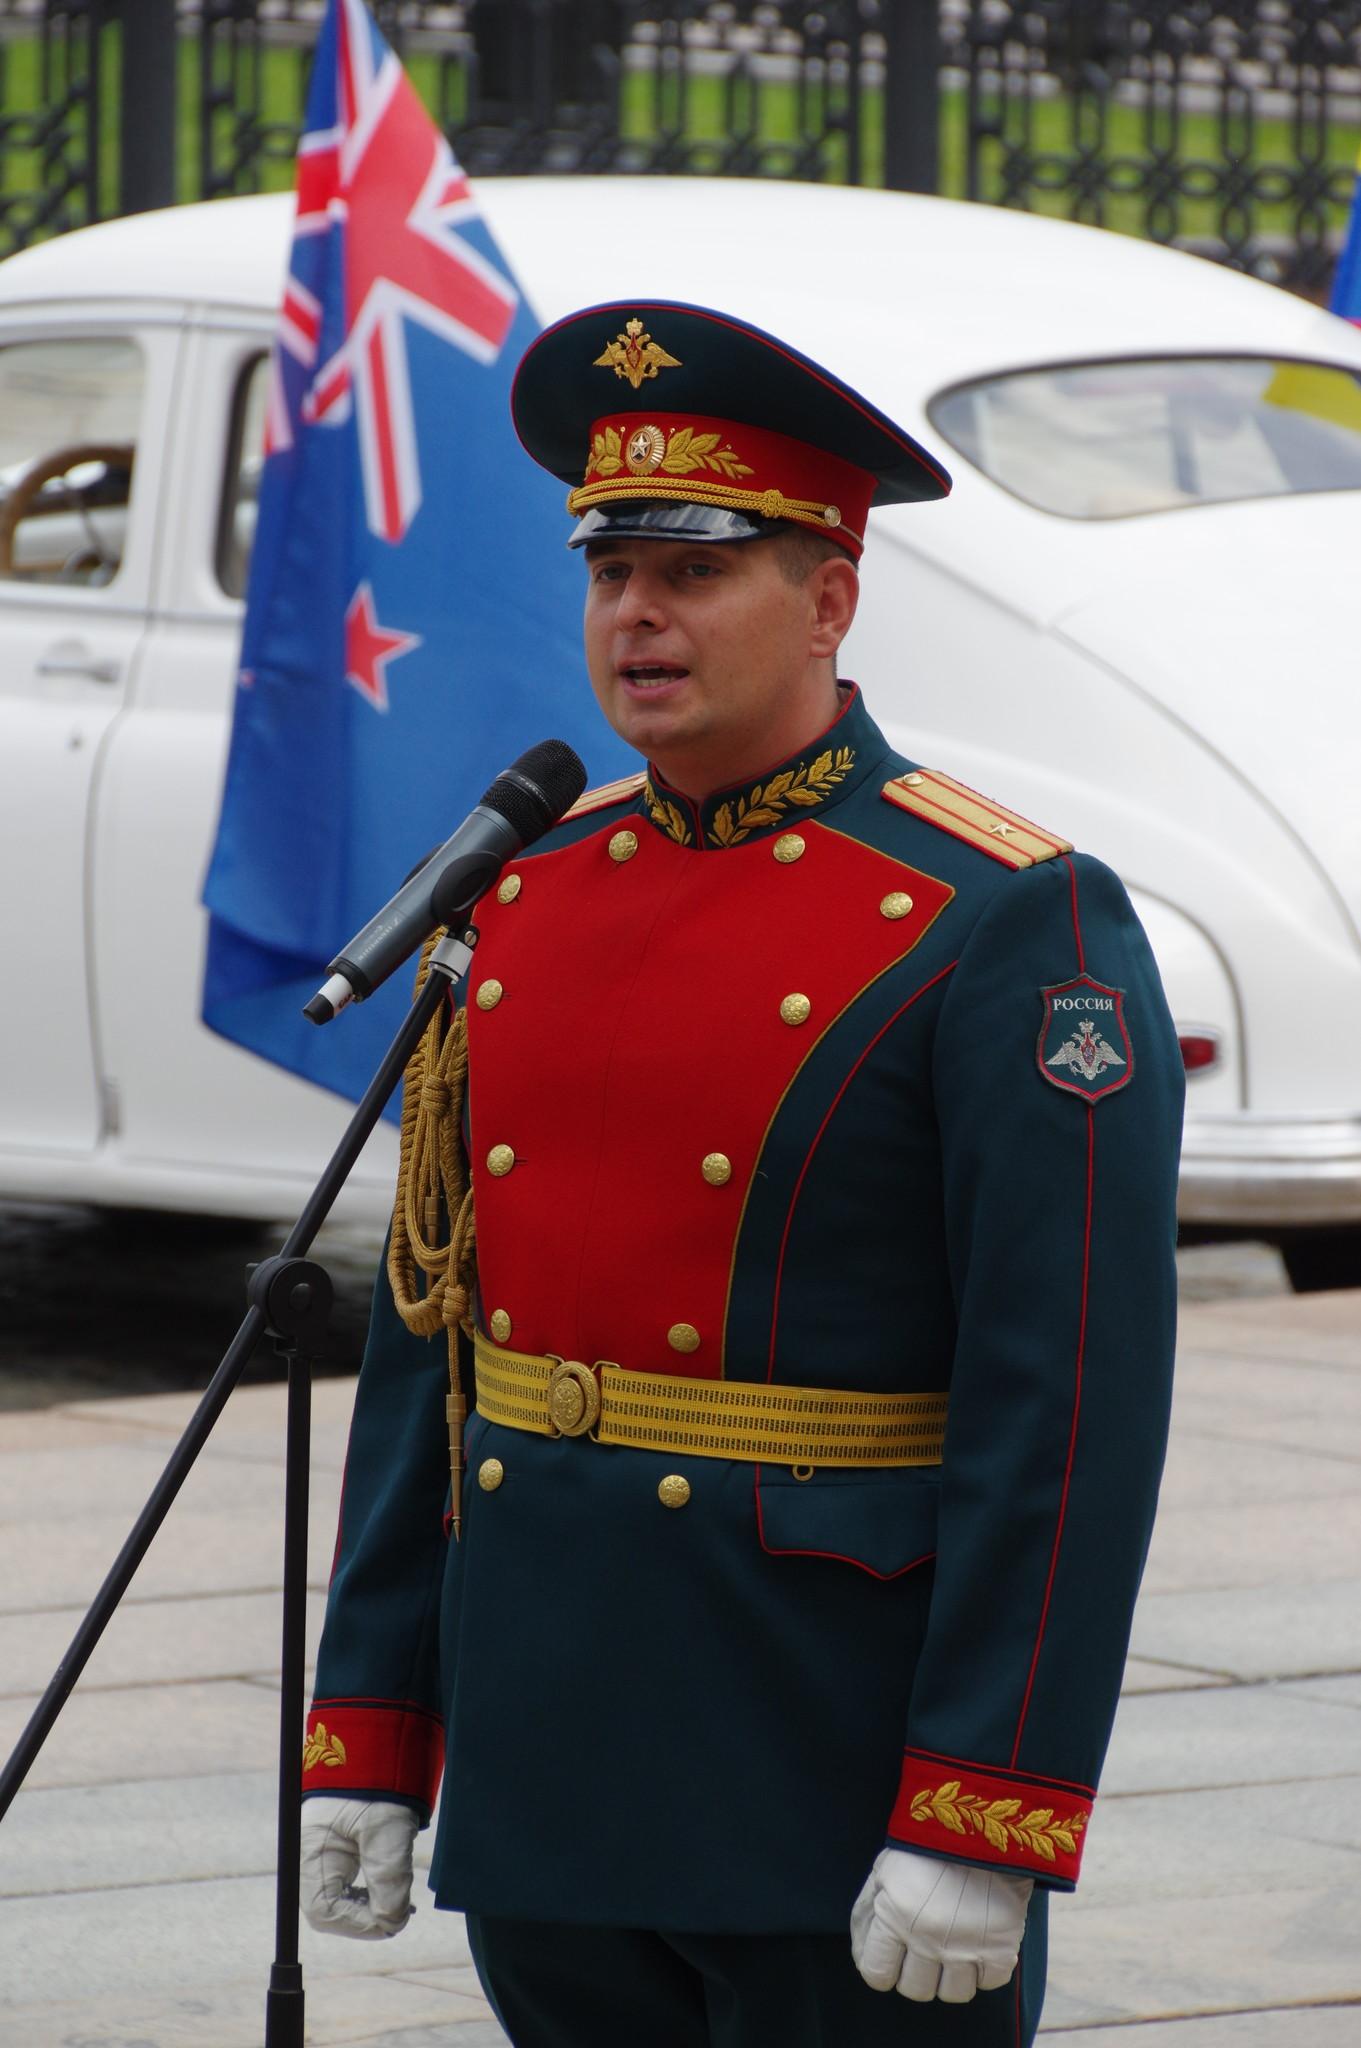 Начальник оркестра Почётного караула Павел Александрович Гернец